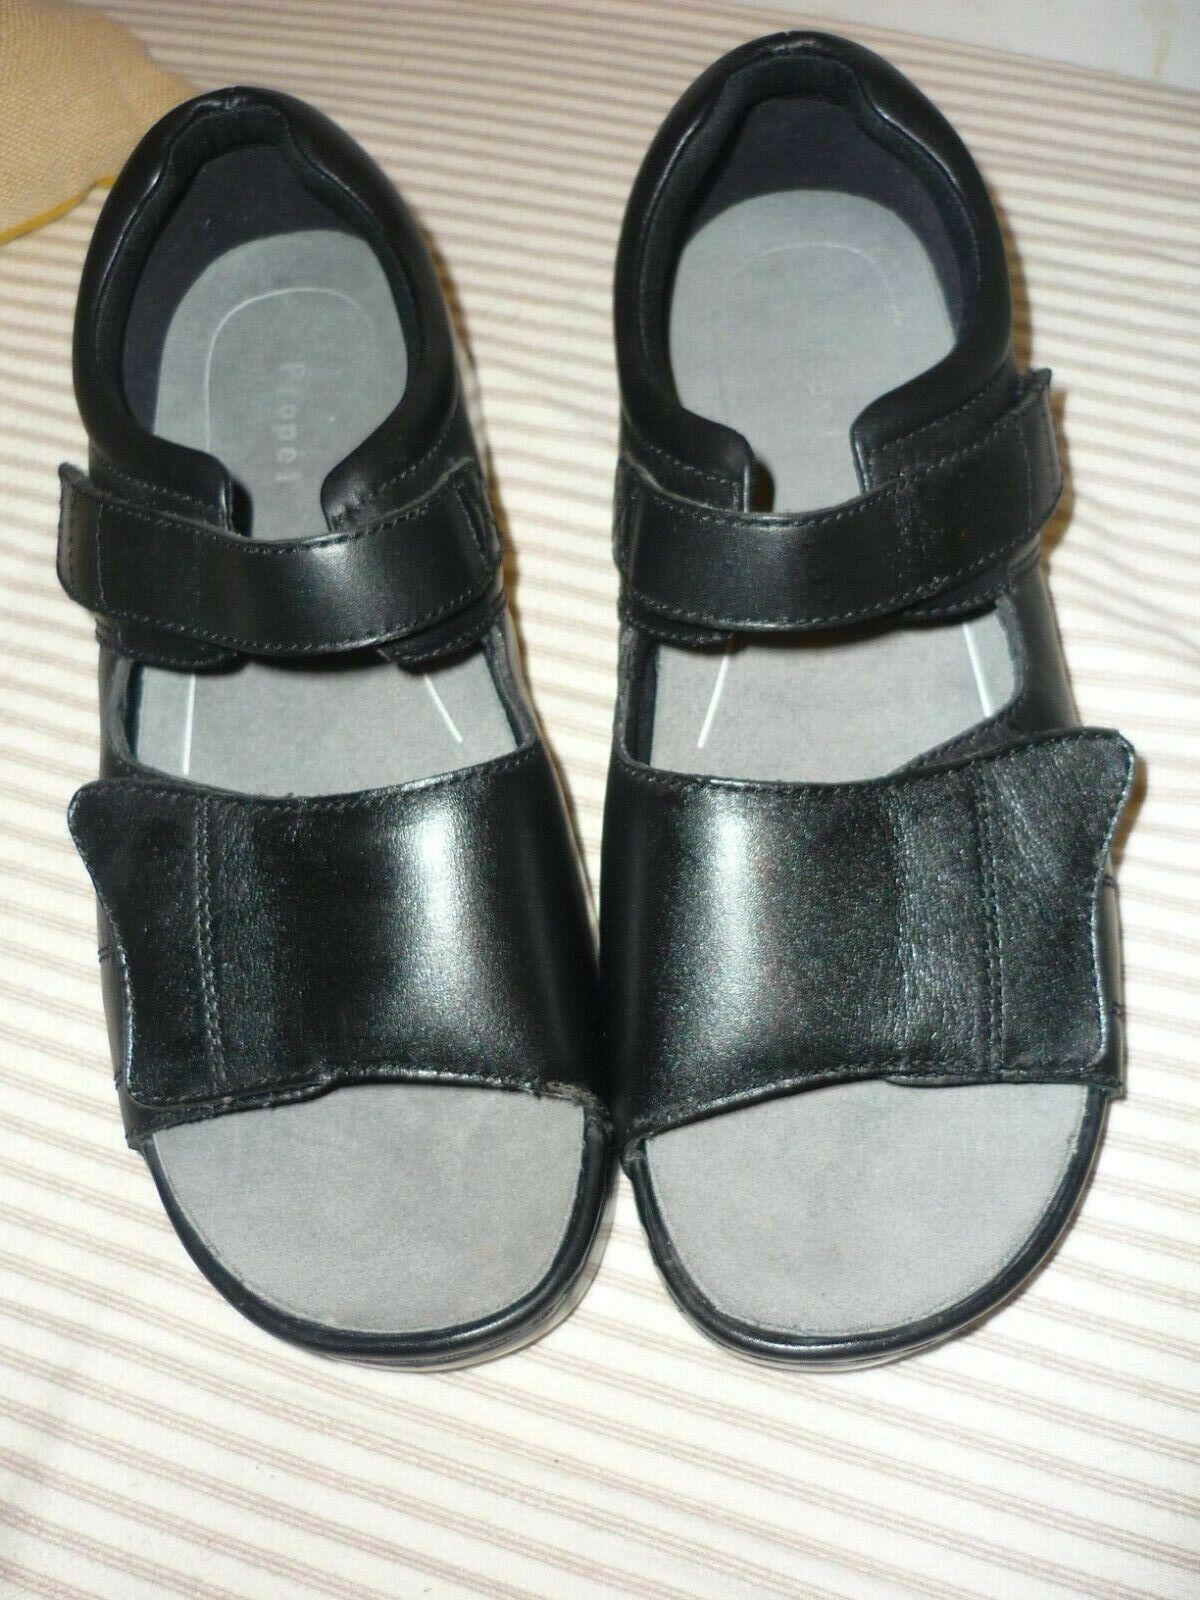 Femmes Propet Cuir noir Sandales chaussures Nouveau bretelles réglables Sz Large 11